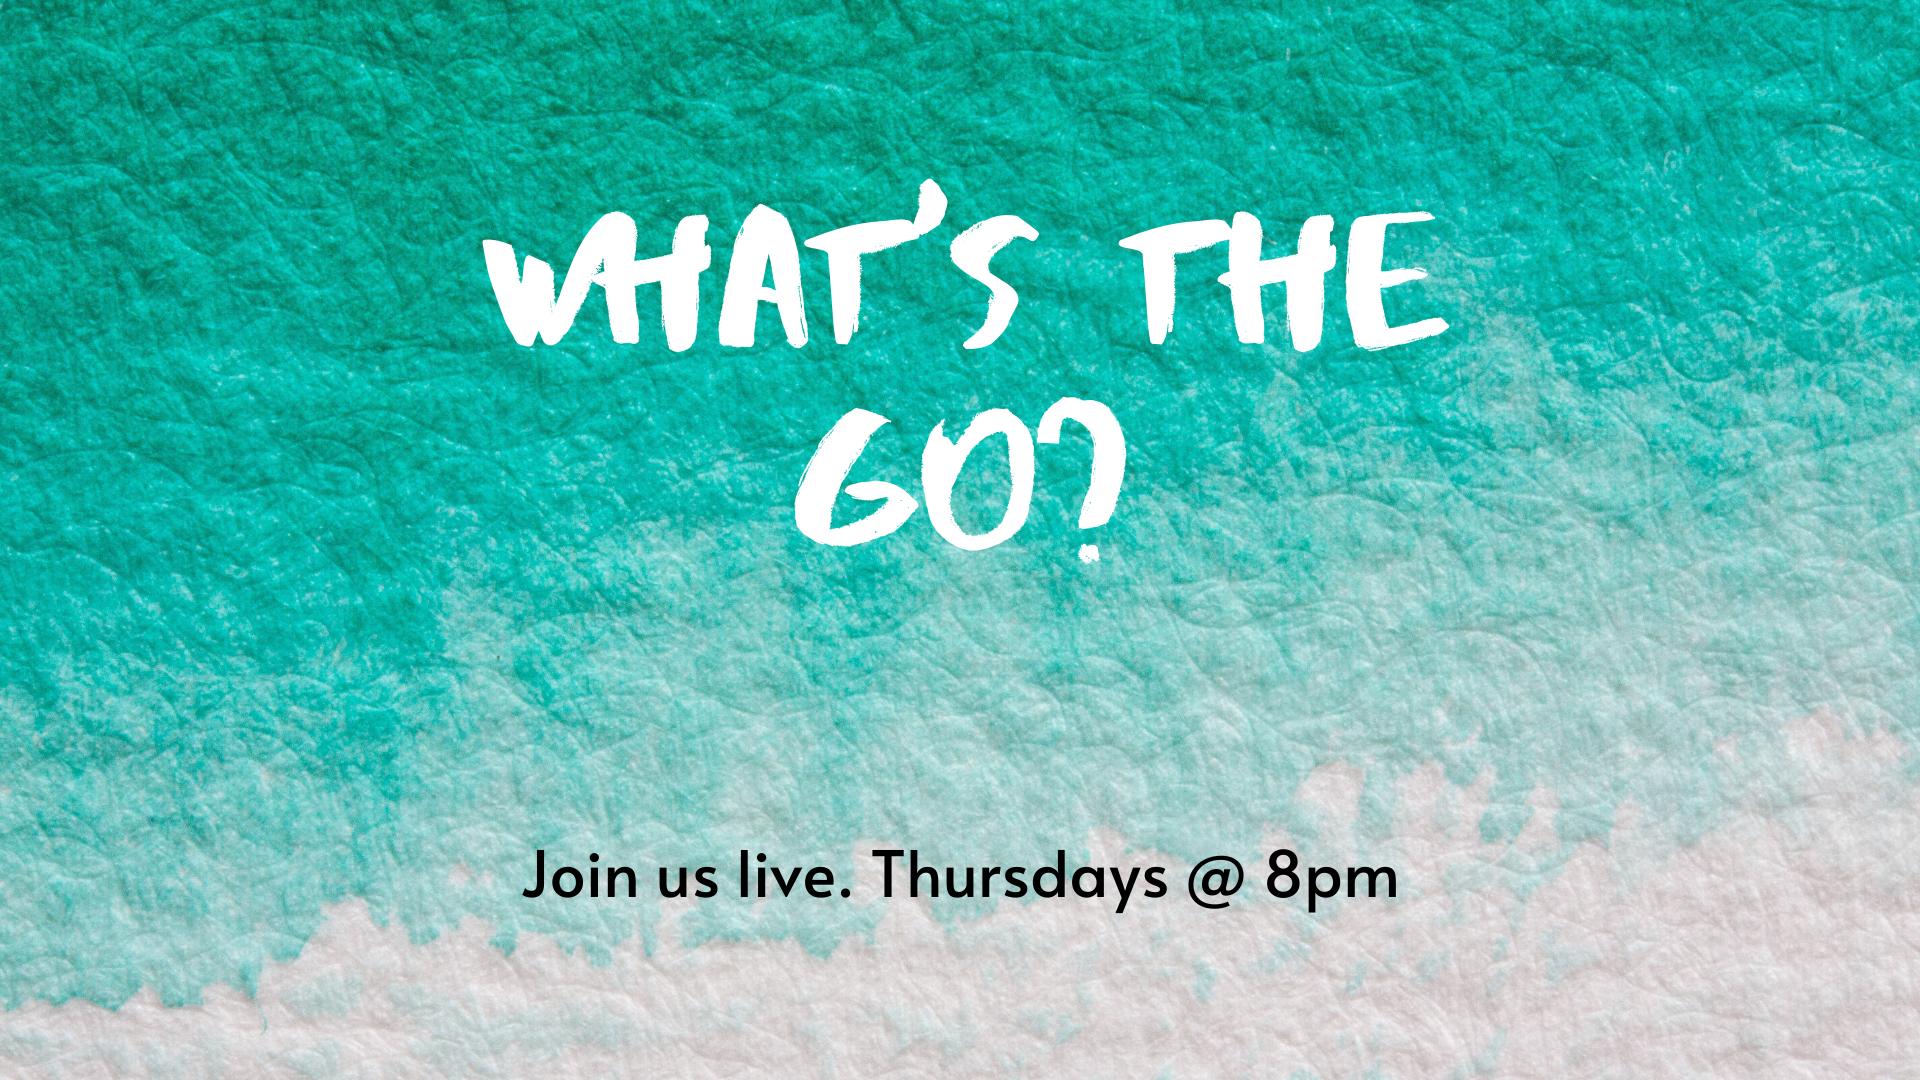 What's The Go? via Live Stream